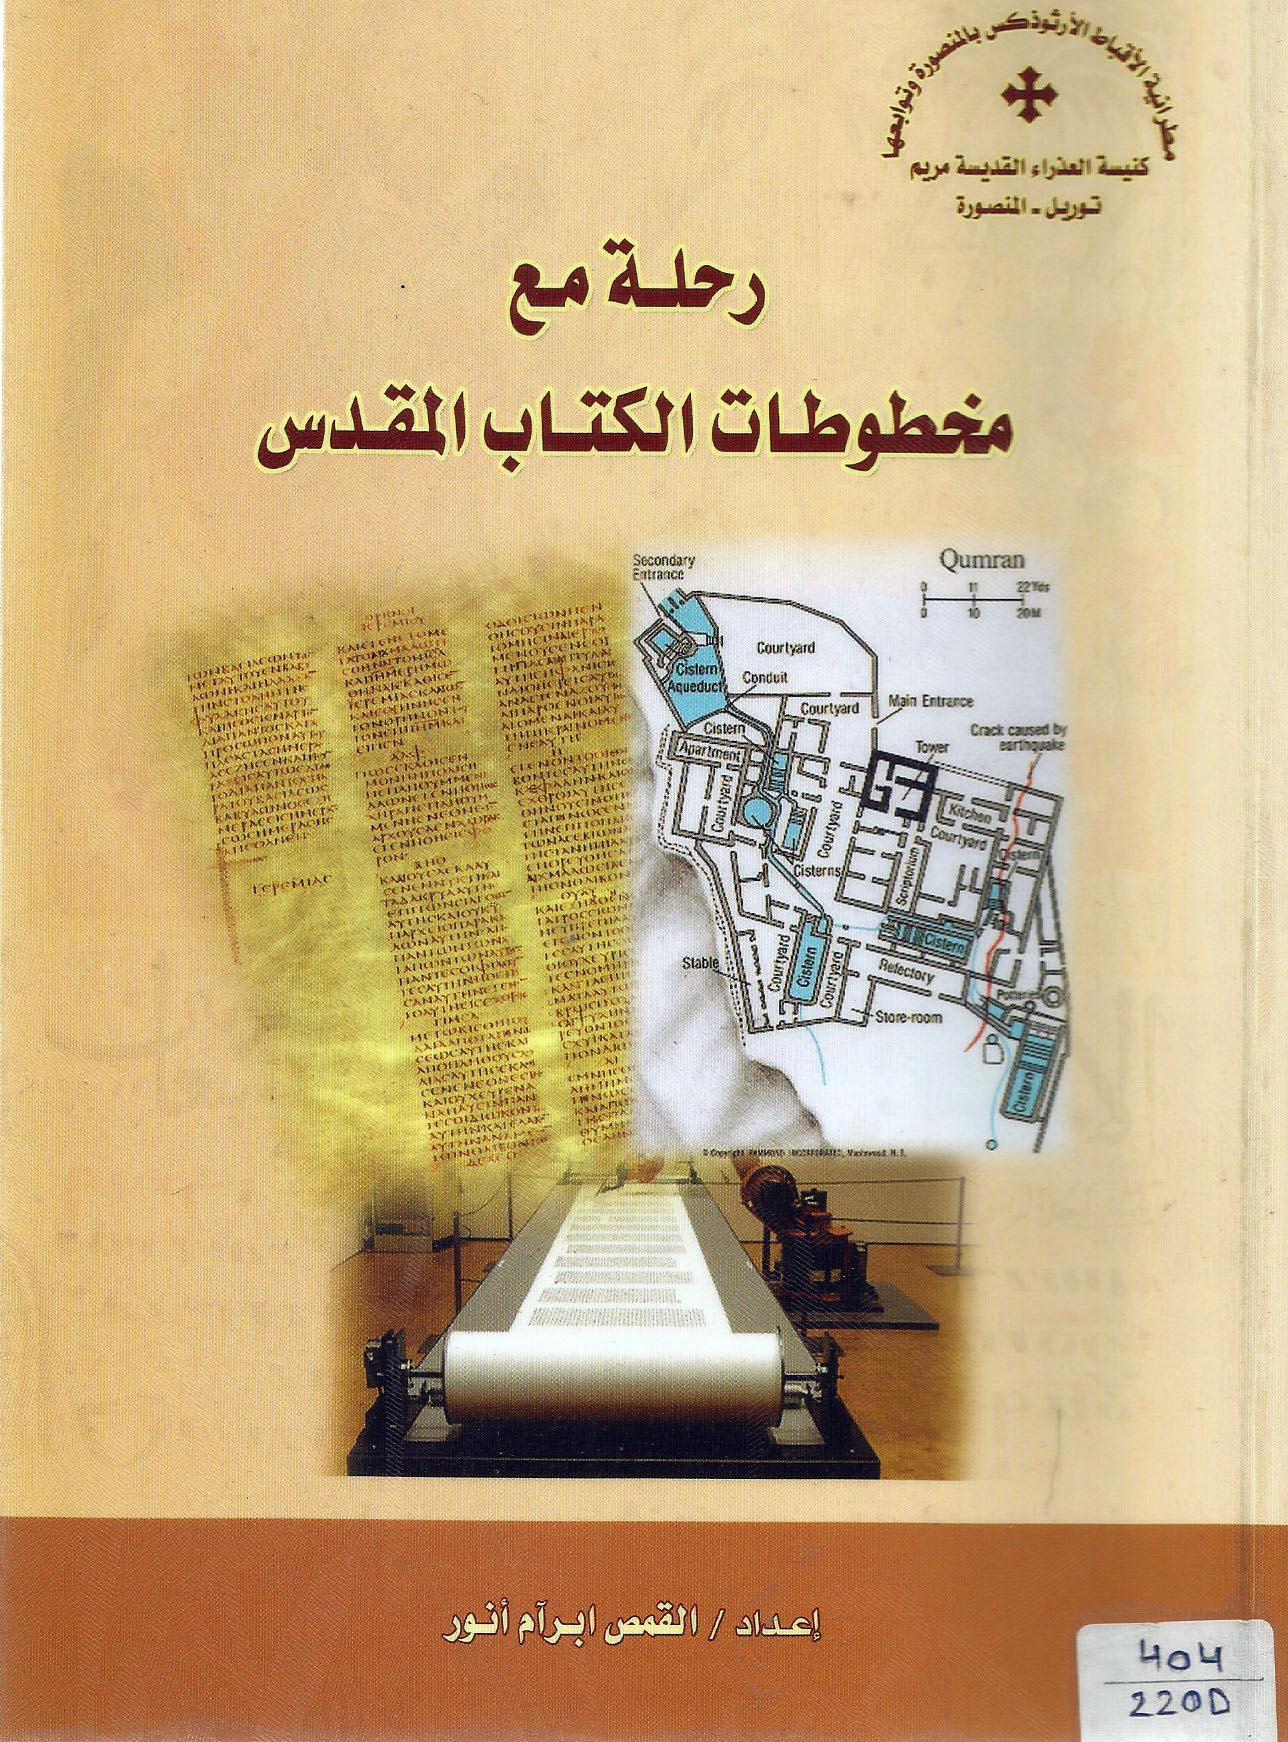 رحلة مع مخطوطات الكتاب المقدس